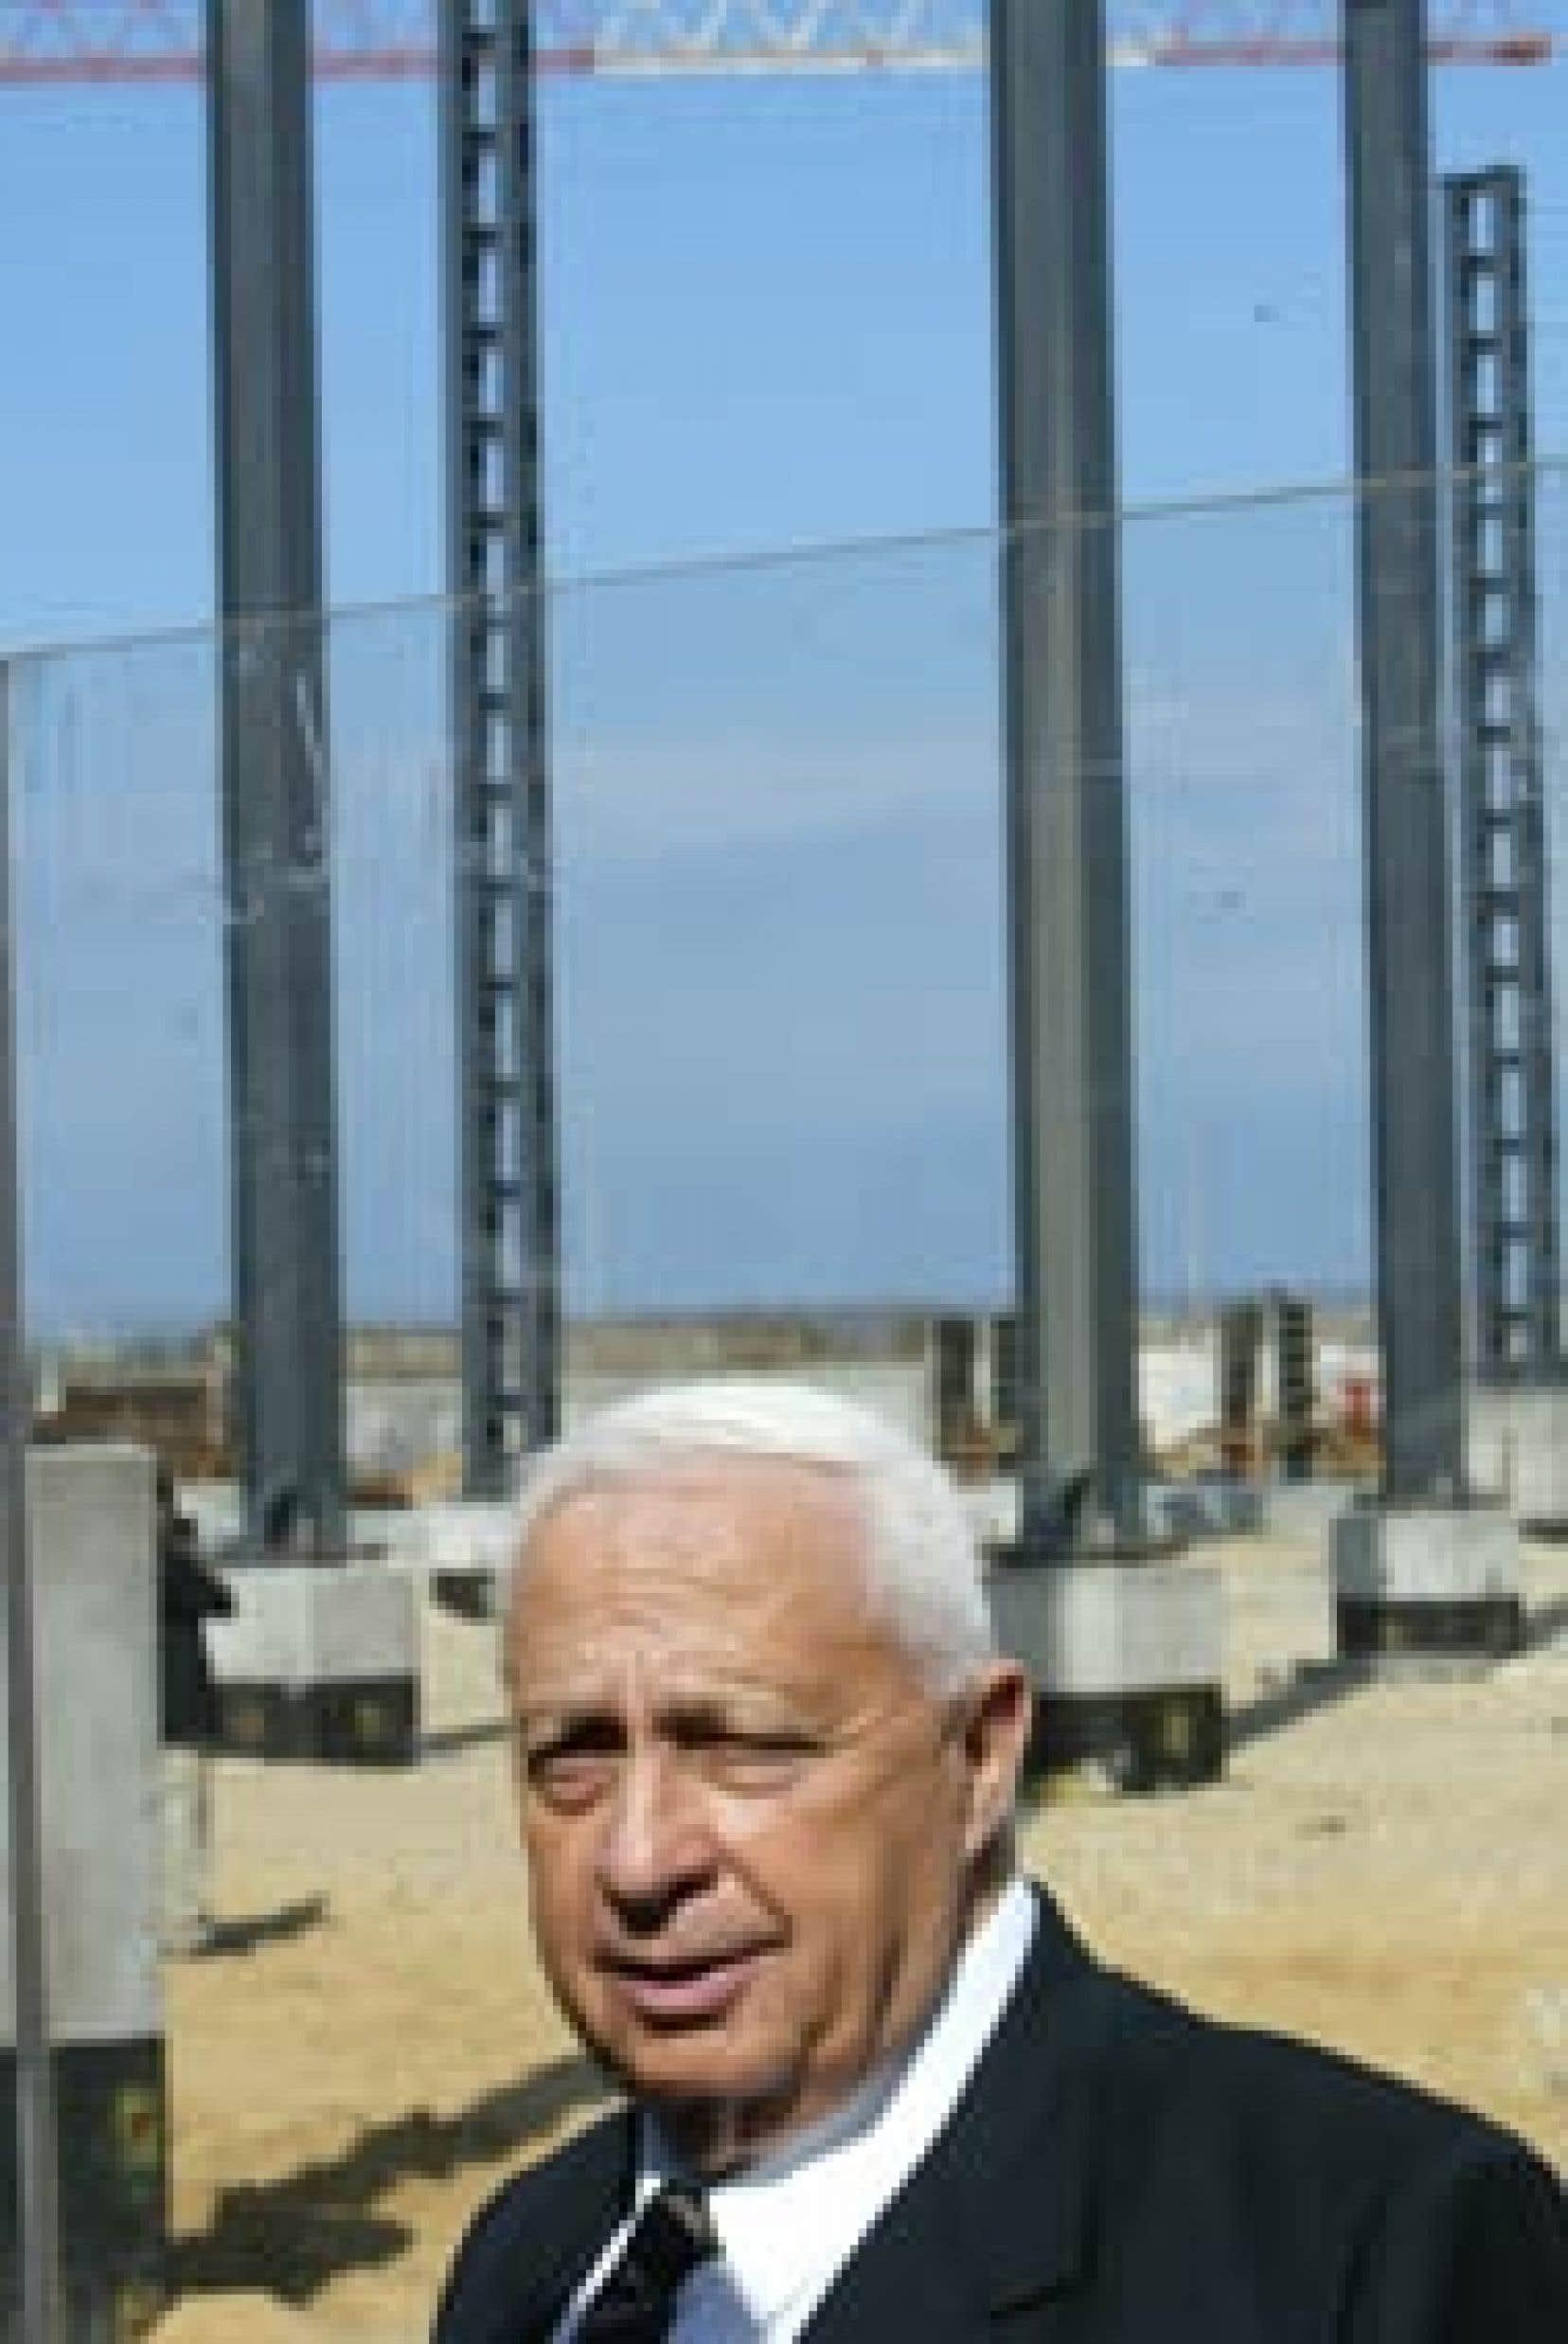 Le chef du gouvernement israélien a visité hier le chantier d'une usine de désalinisation à Ashkelon, dans le sud du pays.